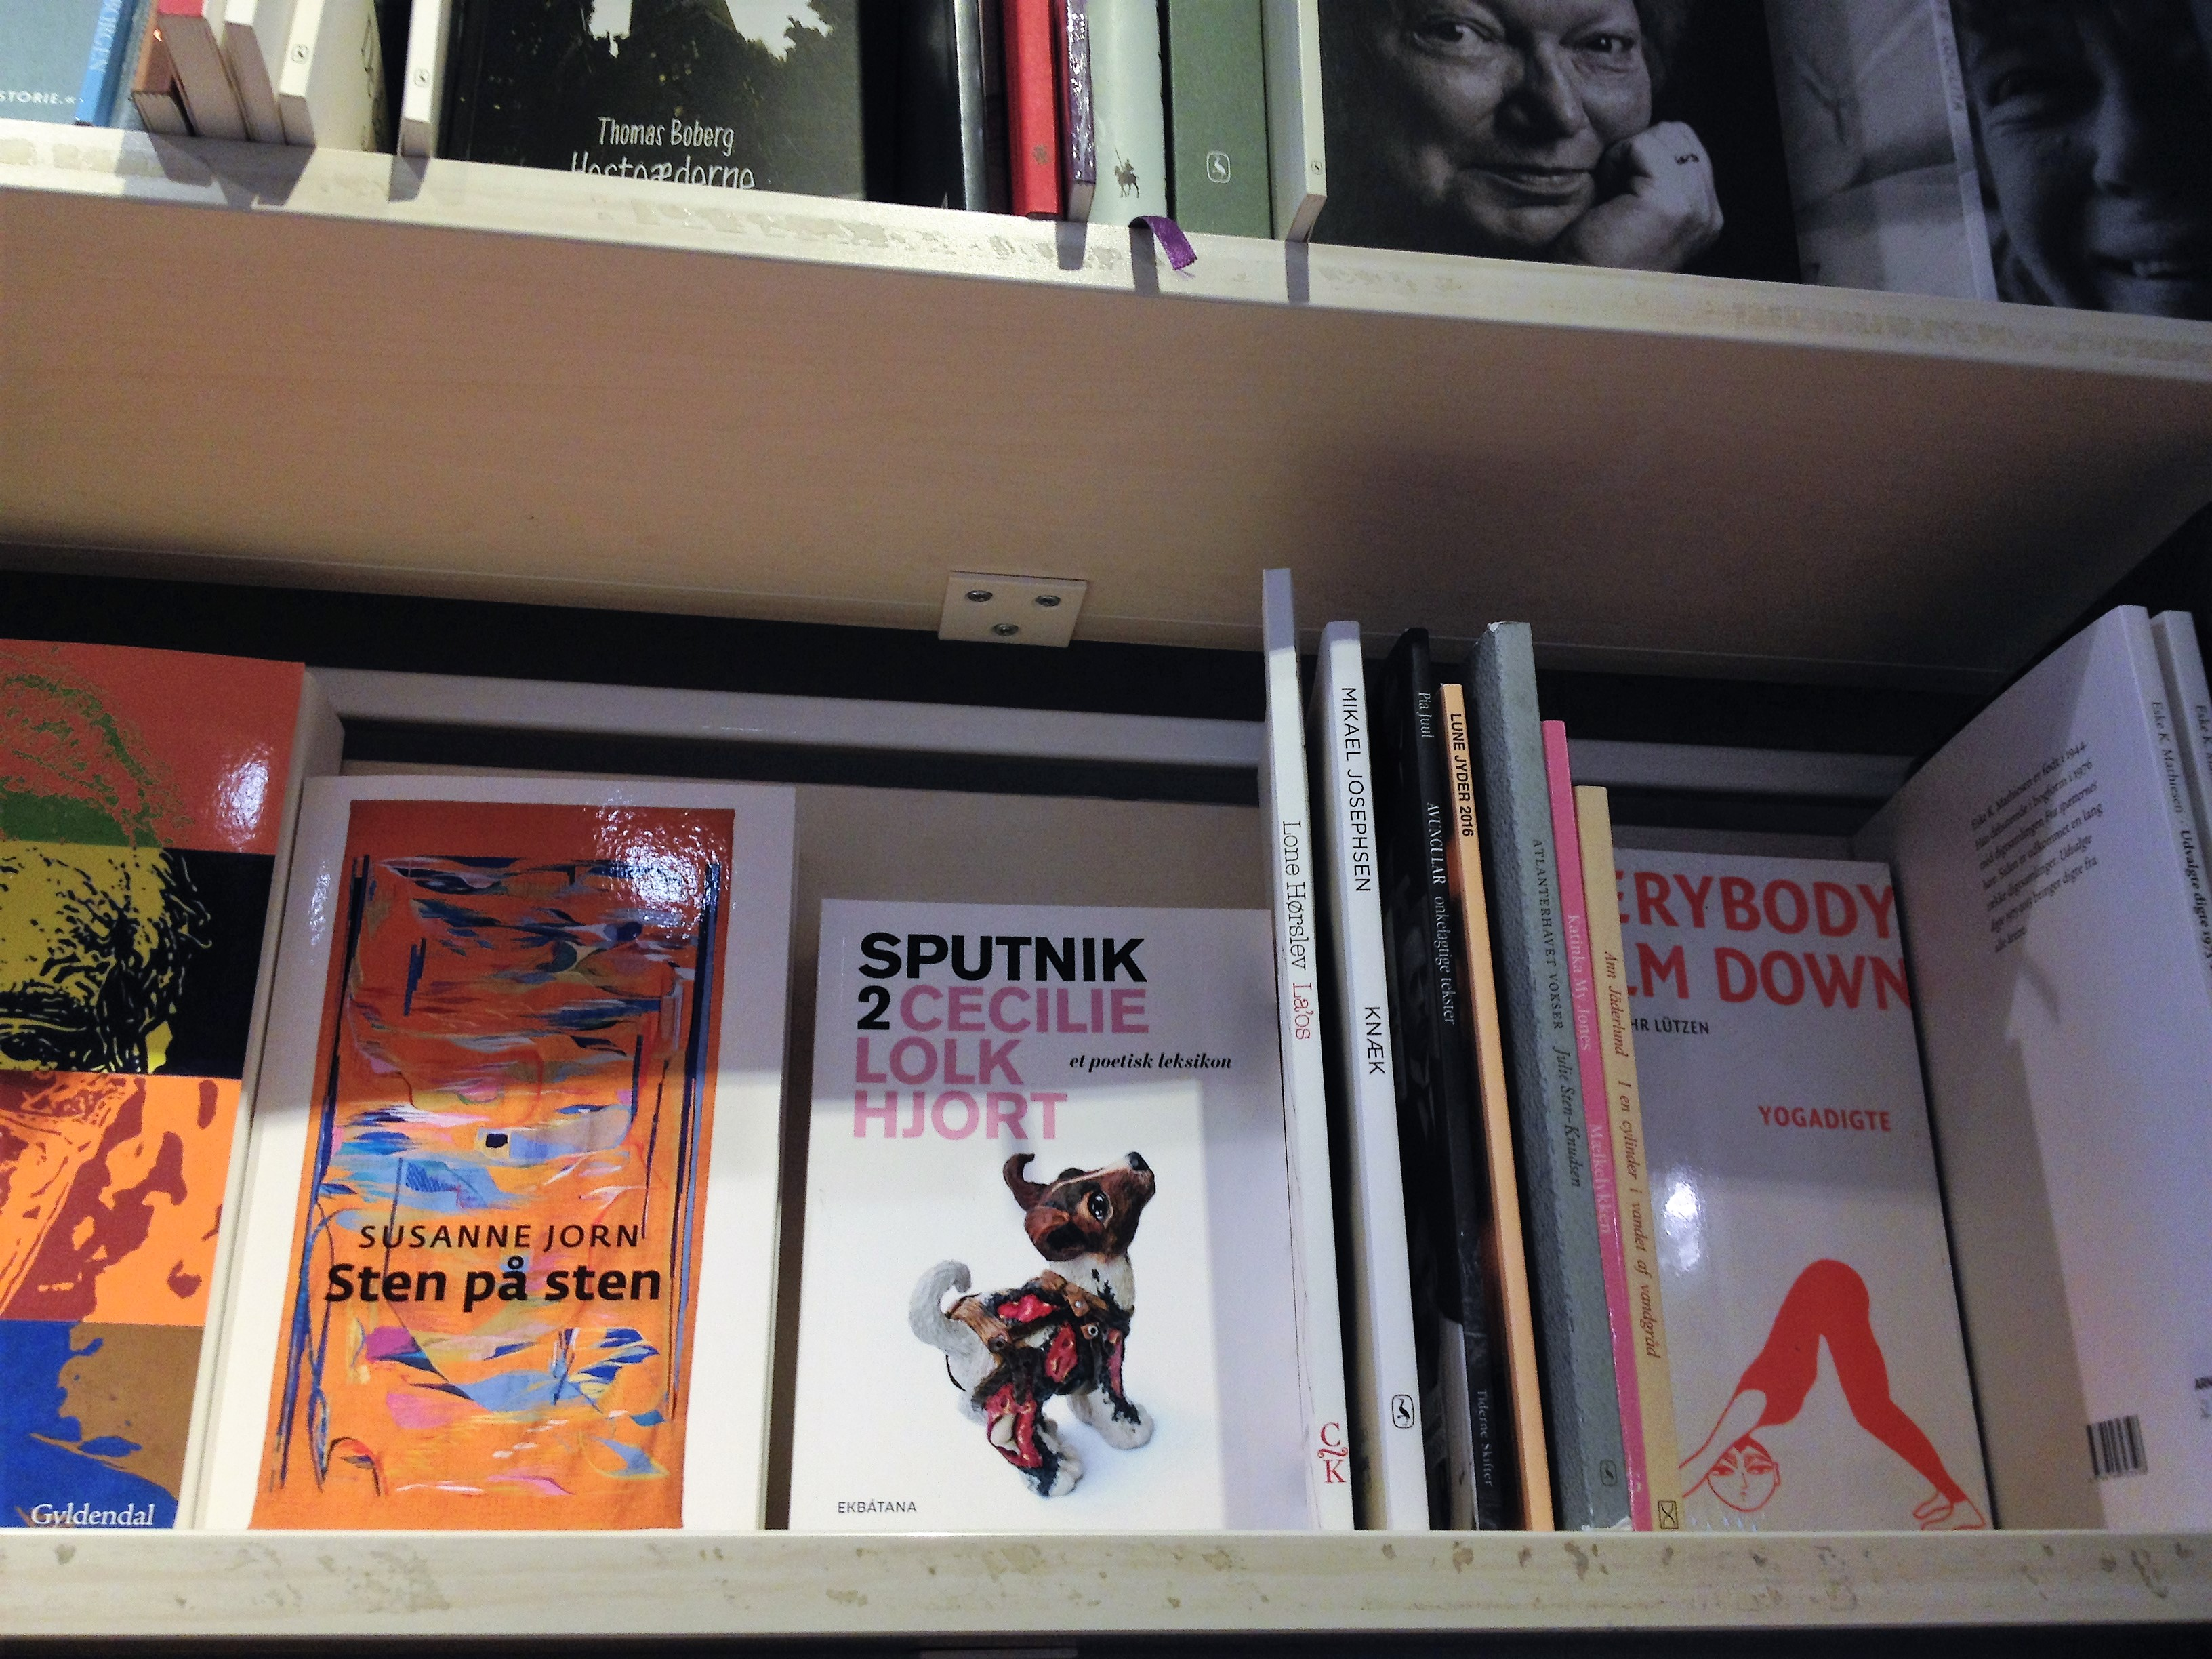 poetisk leksikon, arnold busck, Sputnik 2, Cecilie lolk hjort, boghandlere